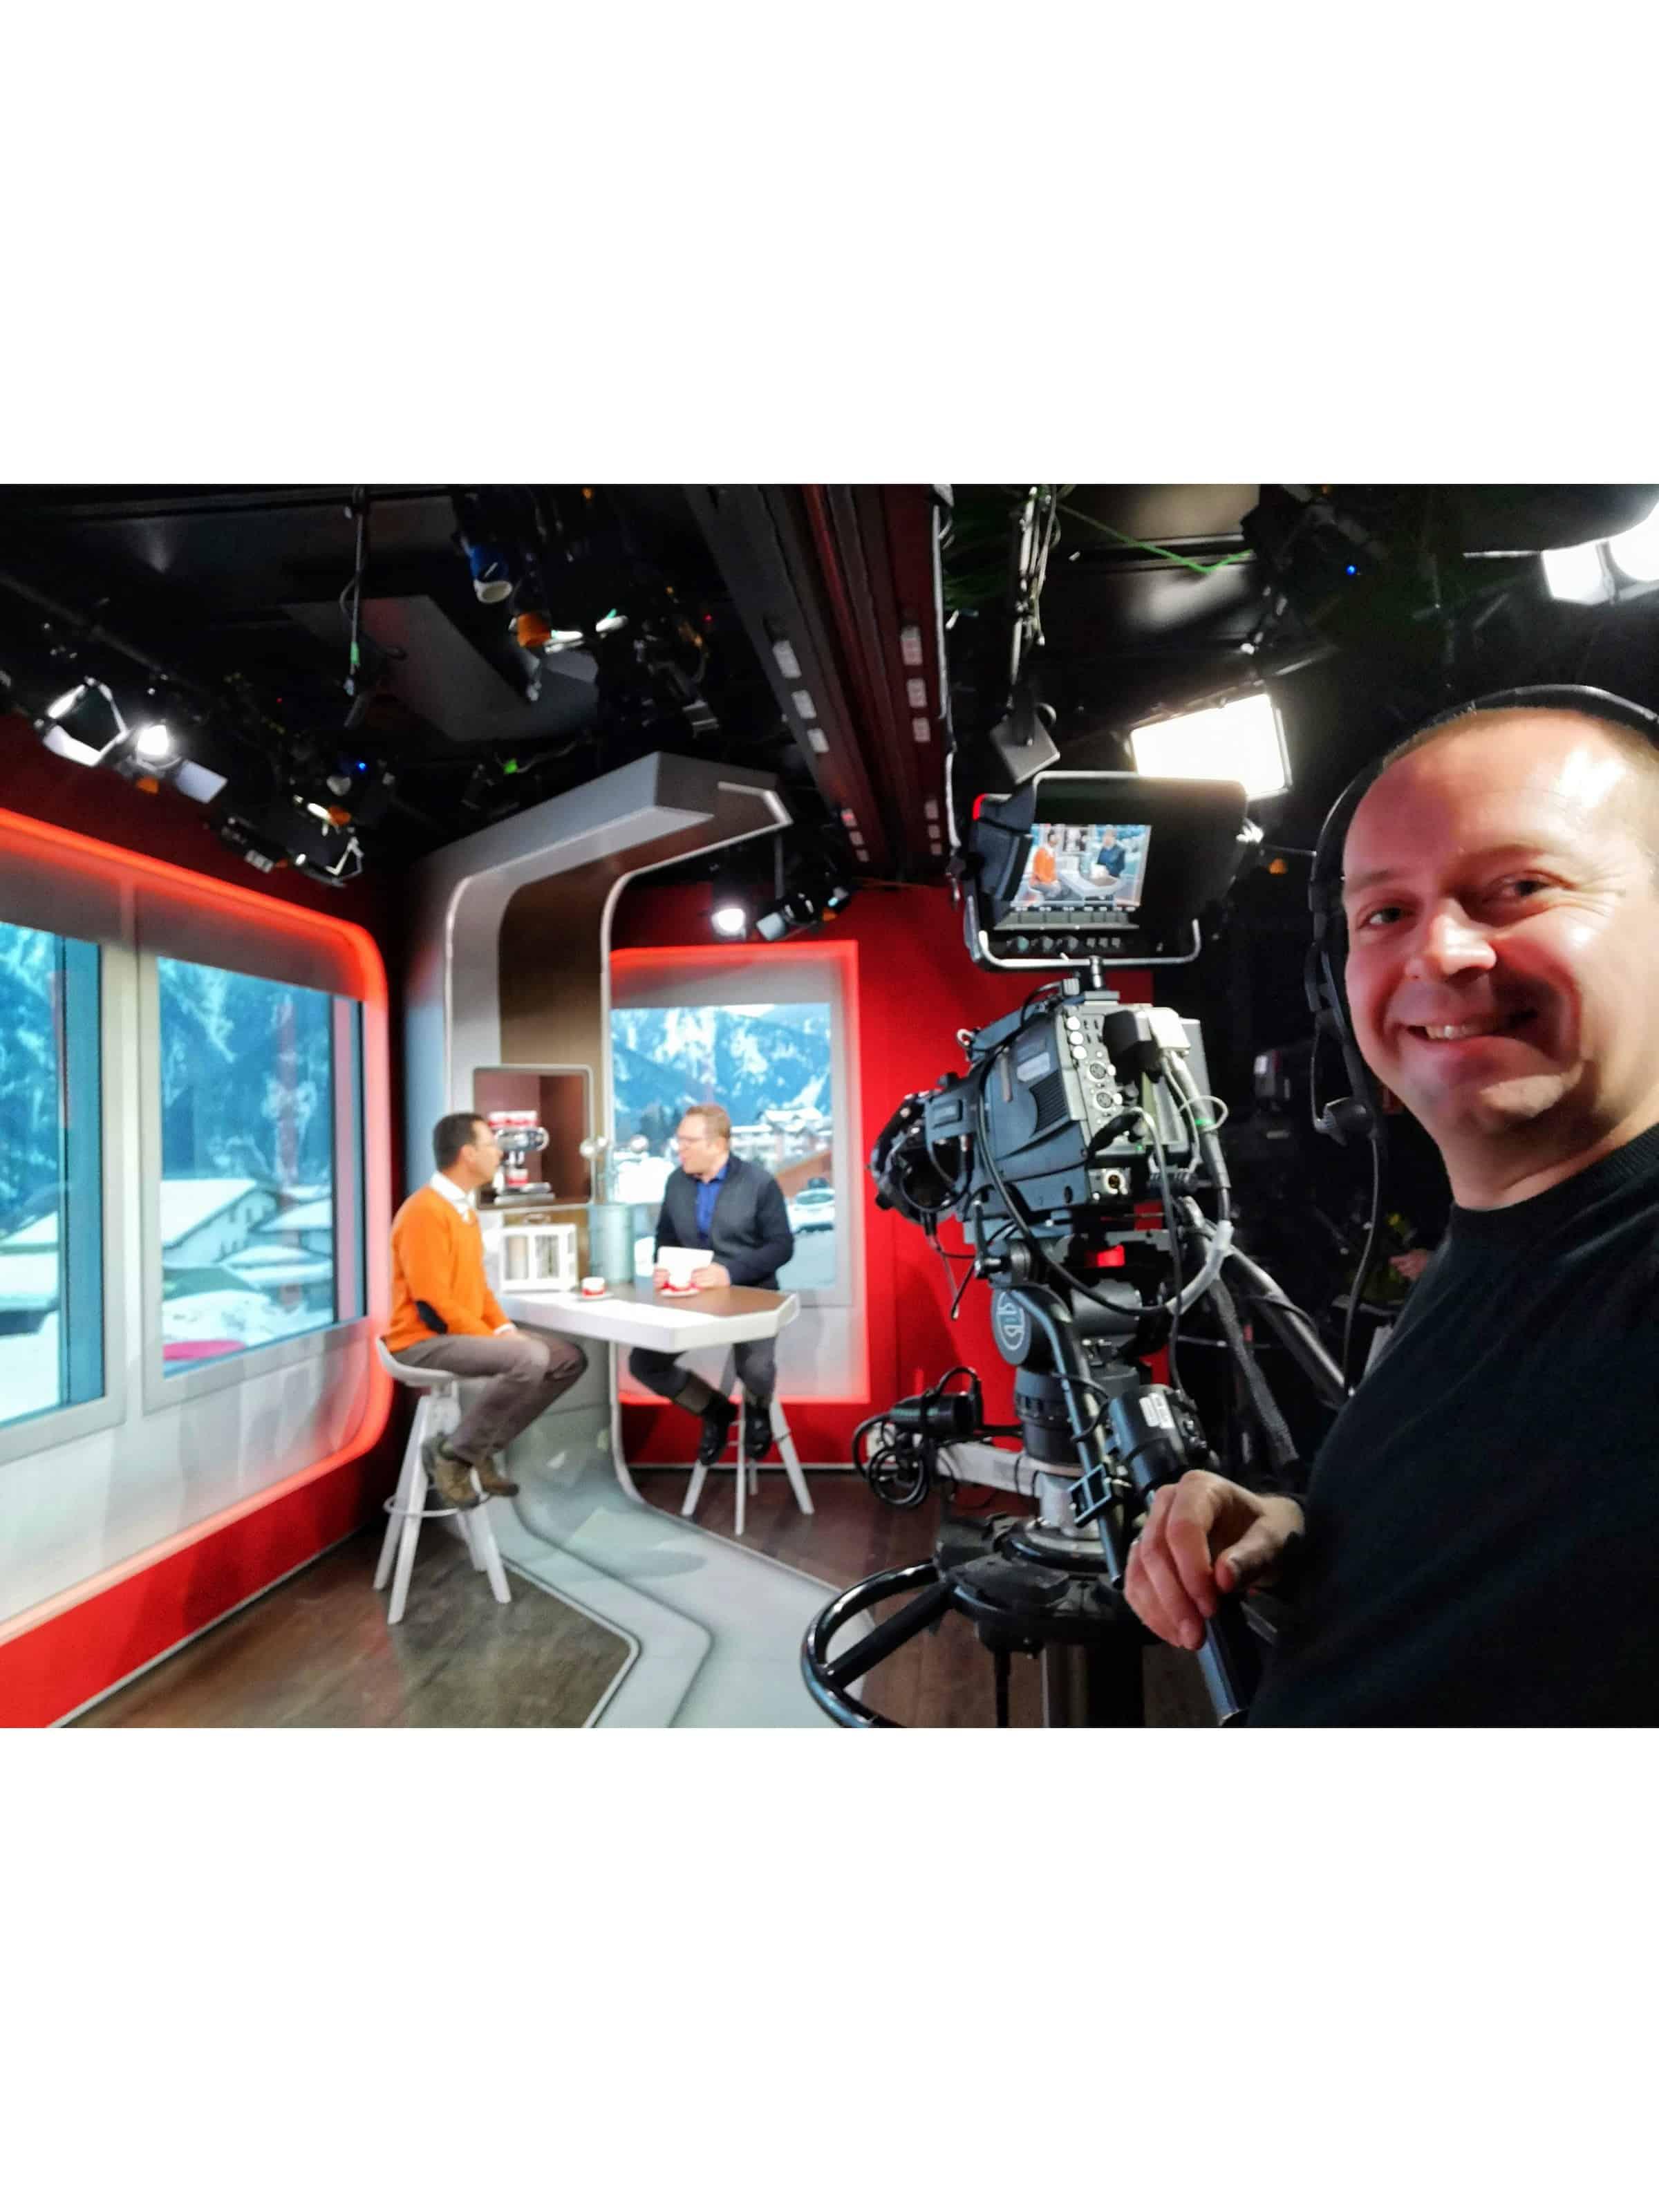 andreas felder kameramann ORF Guten Morgen Österreich ORF Daheim in Österreich 08 23.03.2018 06 39 06 - ORF Unterwegs in Österreich